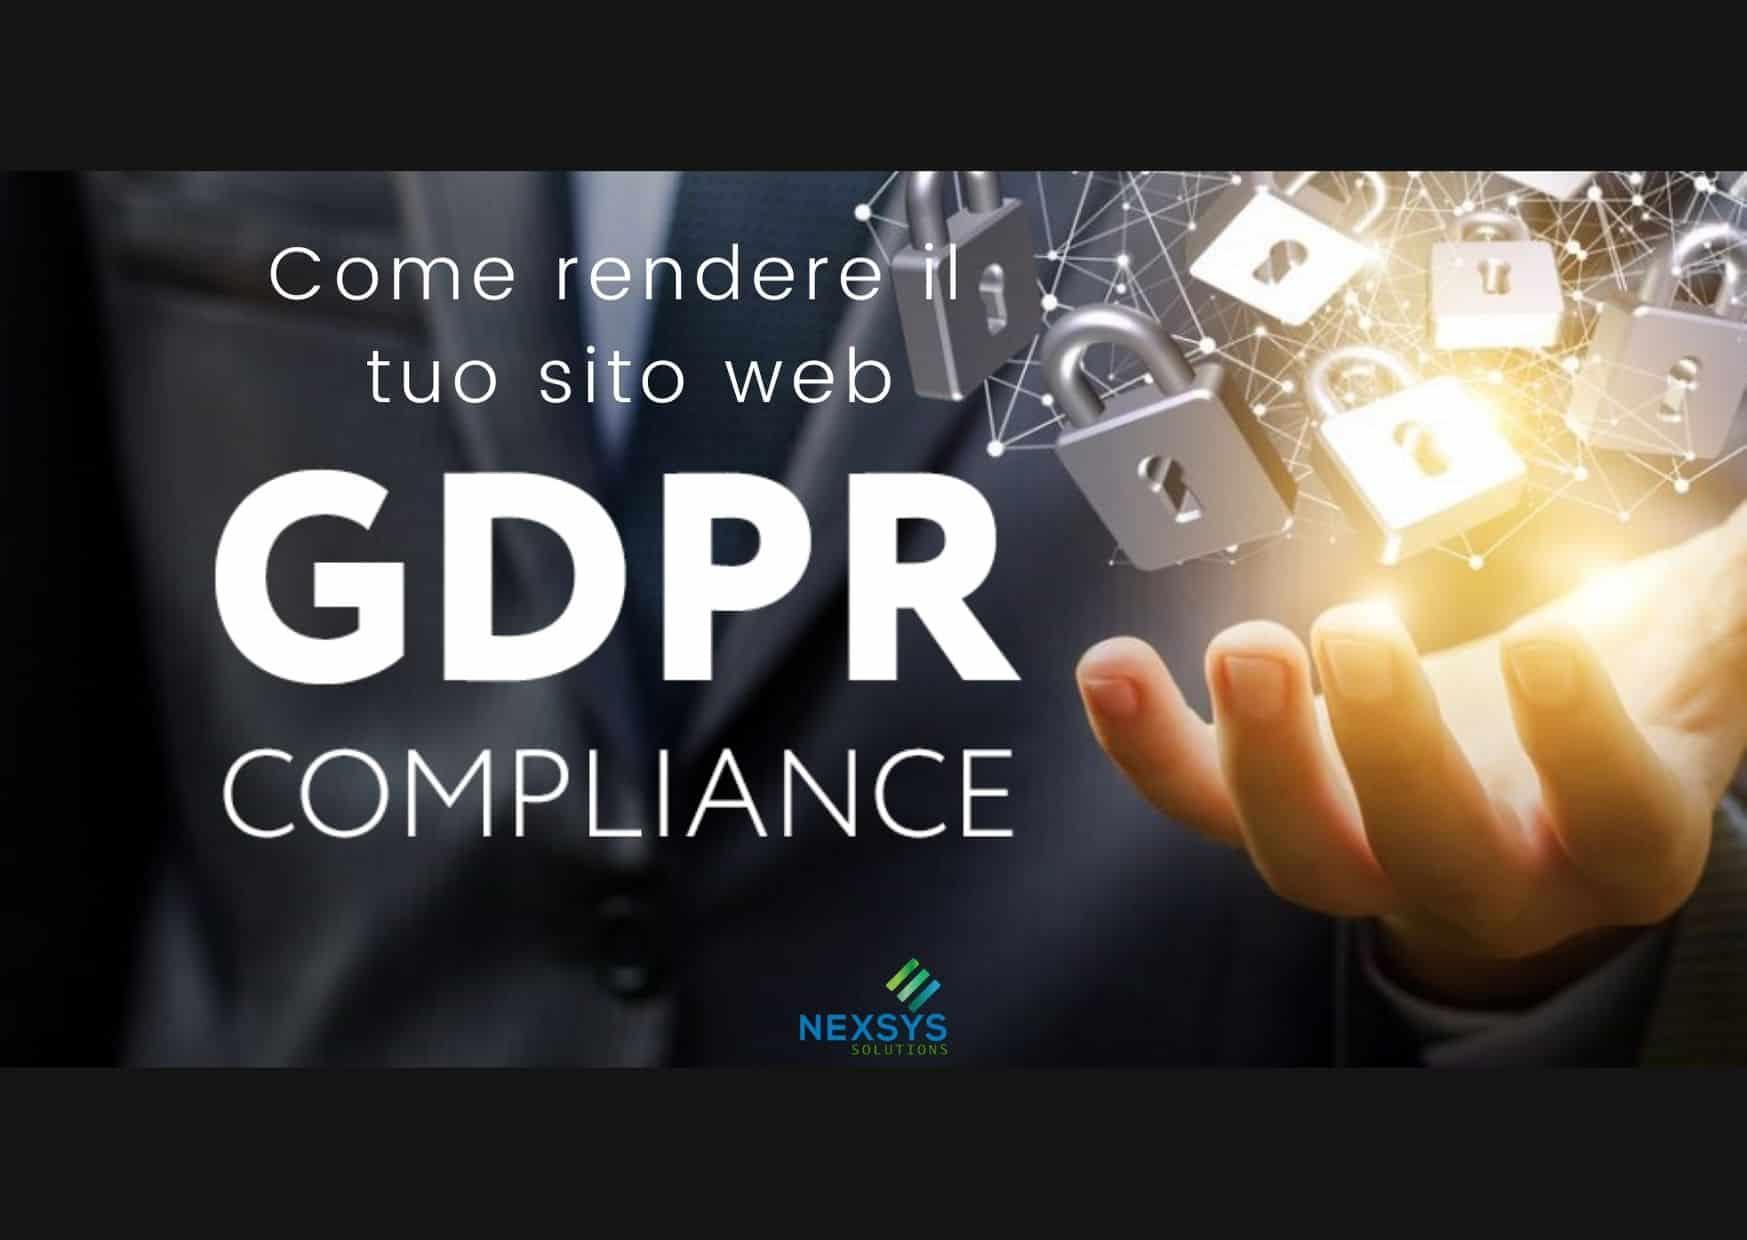 10 punti per rendere compliance il tuo sito web al GDPR